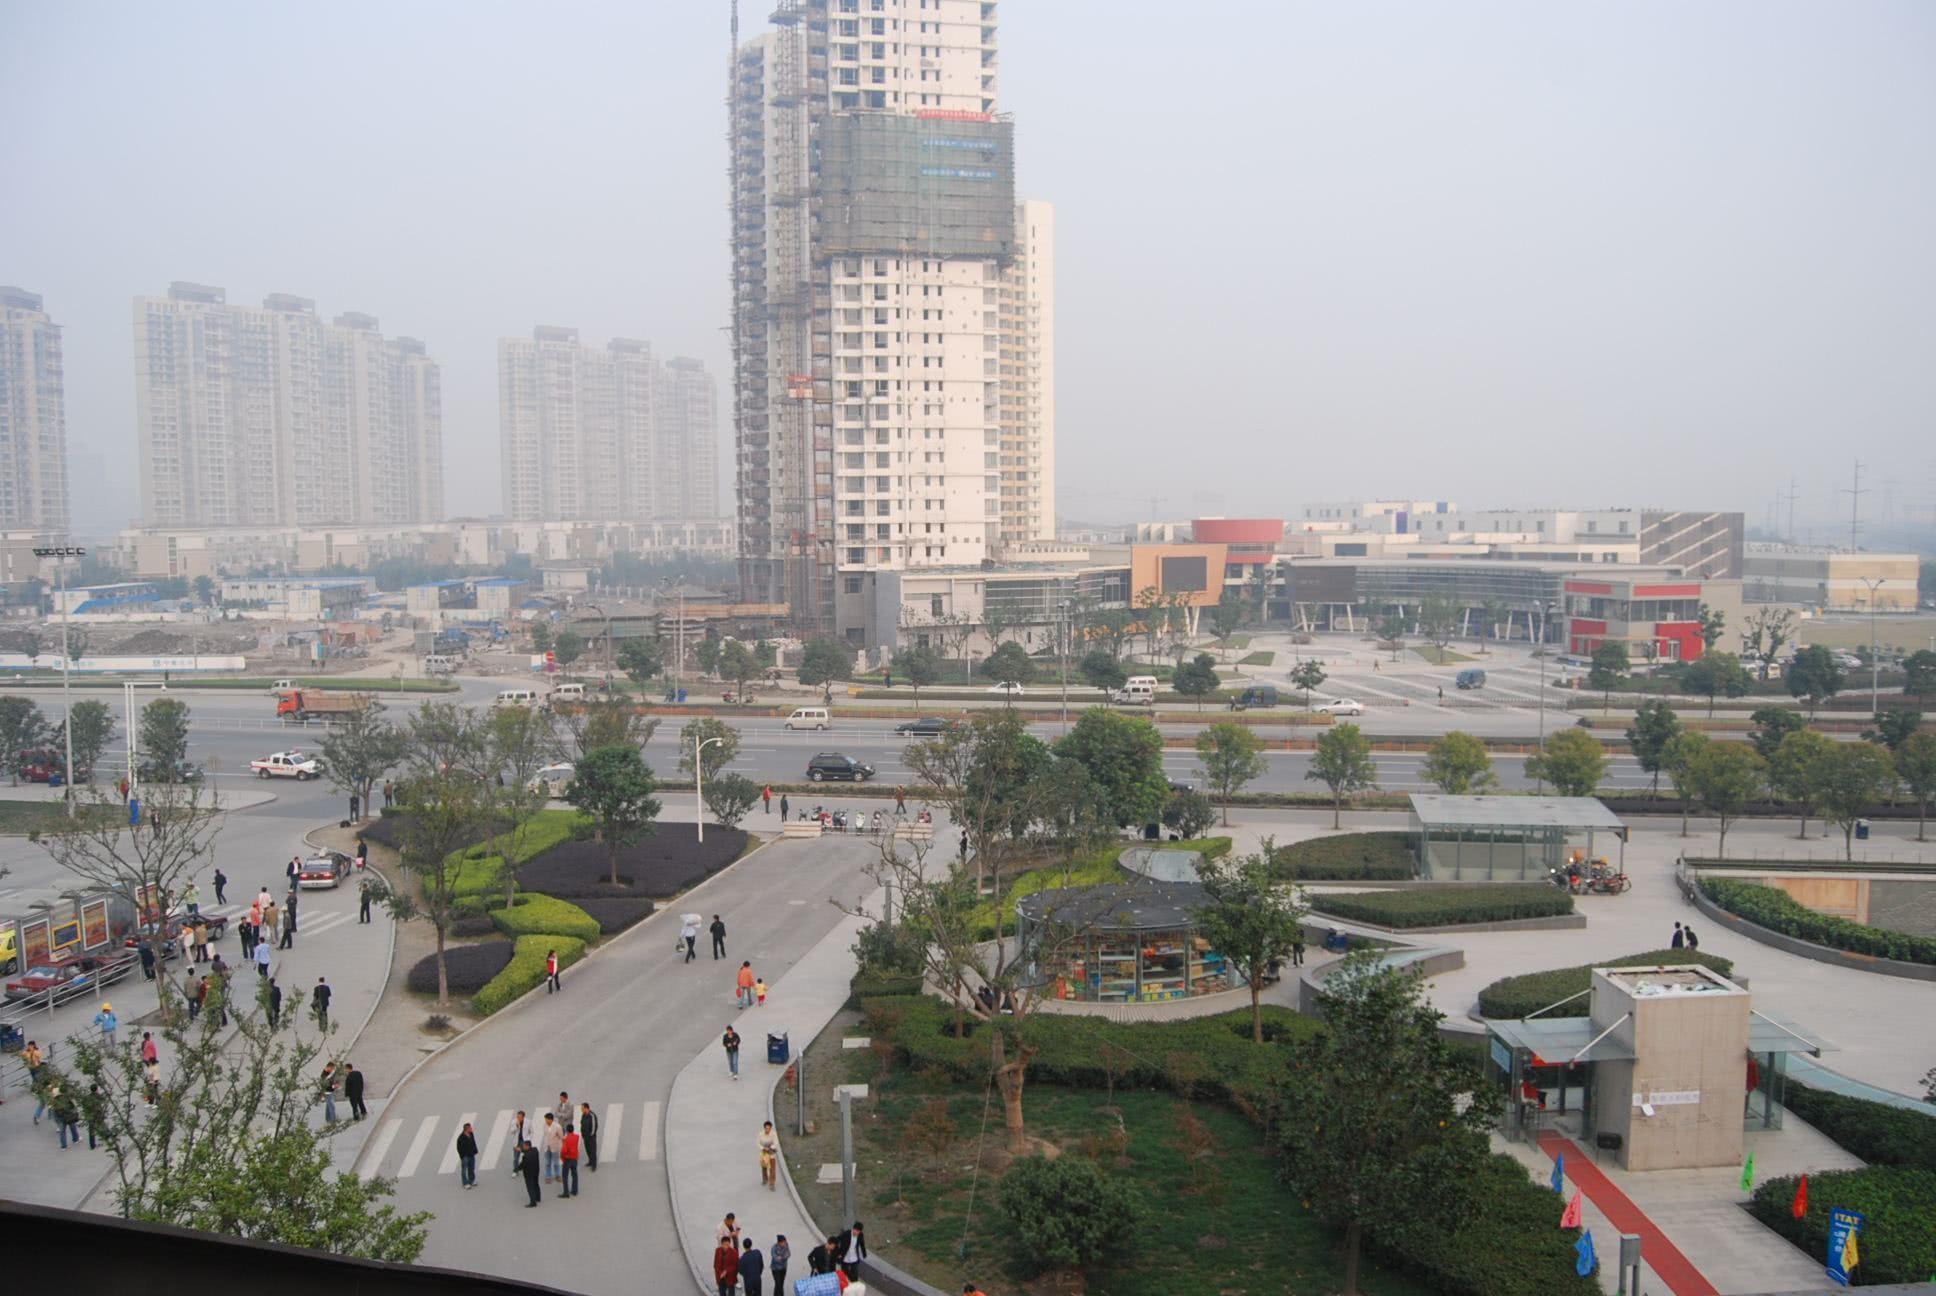 玉山县gdp_玉山县 江西省上饶市下辖县 搜狗百科